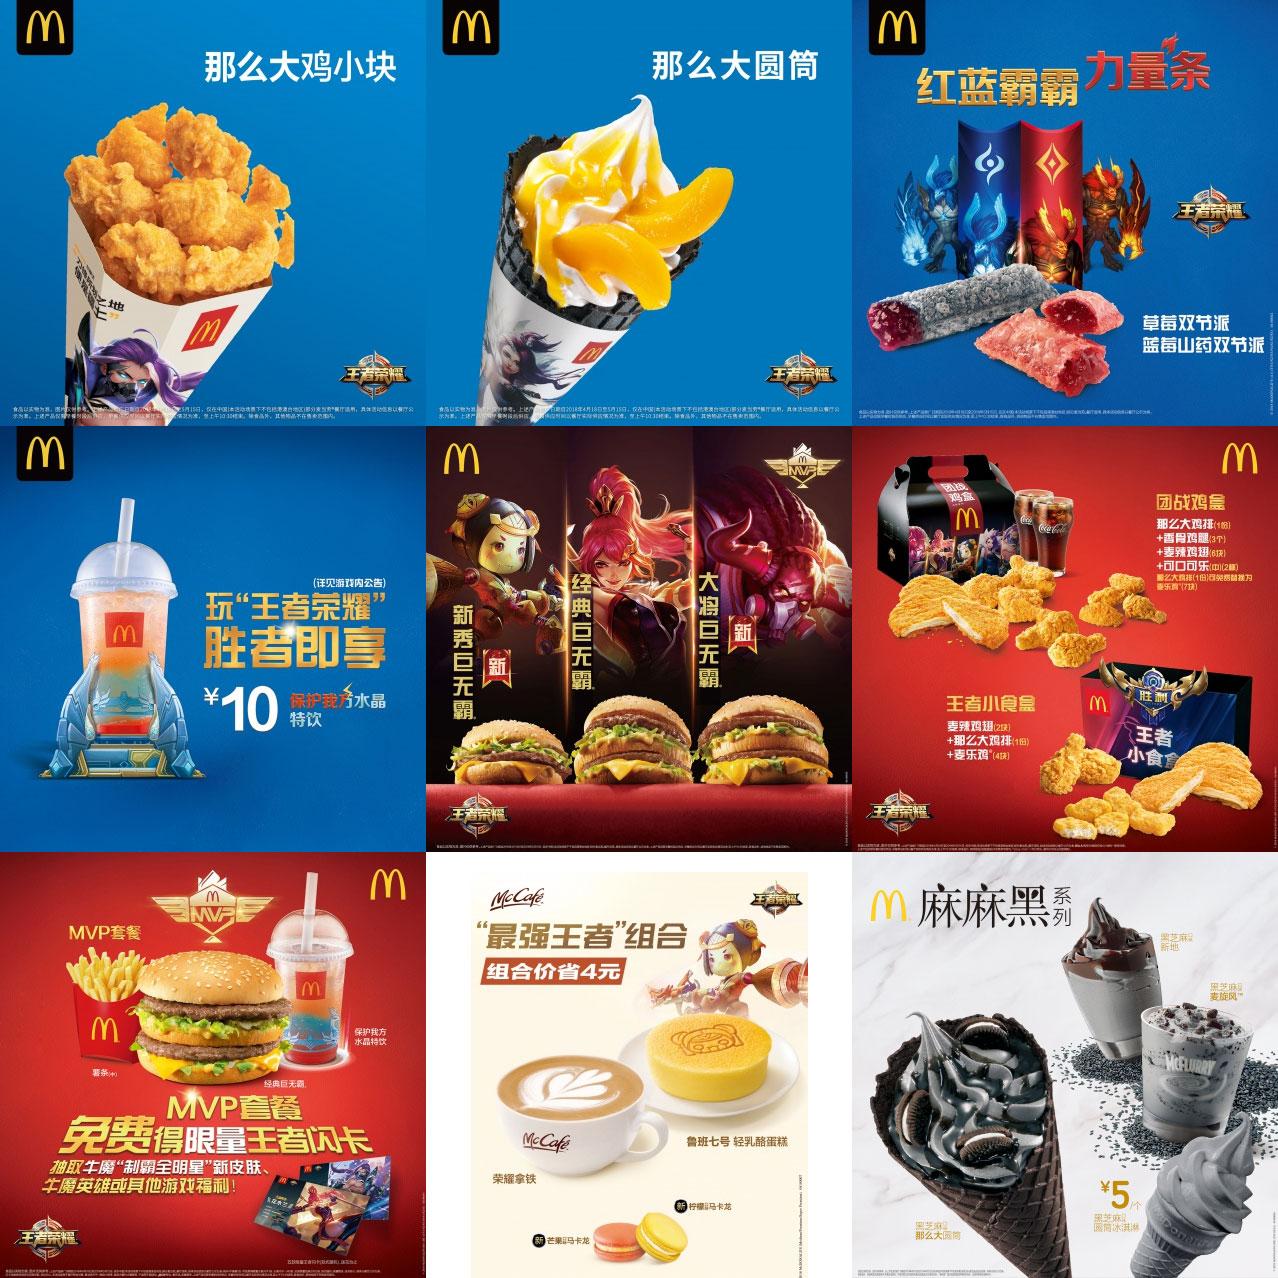 麦当劳推《王者荣耀》系列新品 游戏MVP点餐能优惠